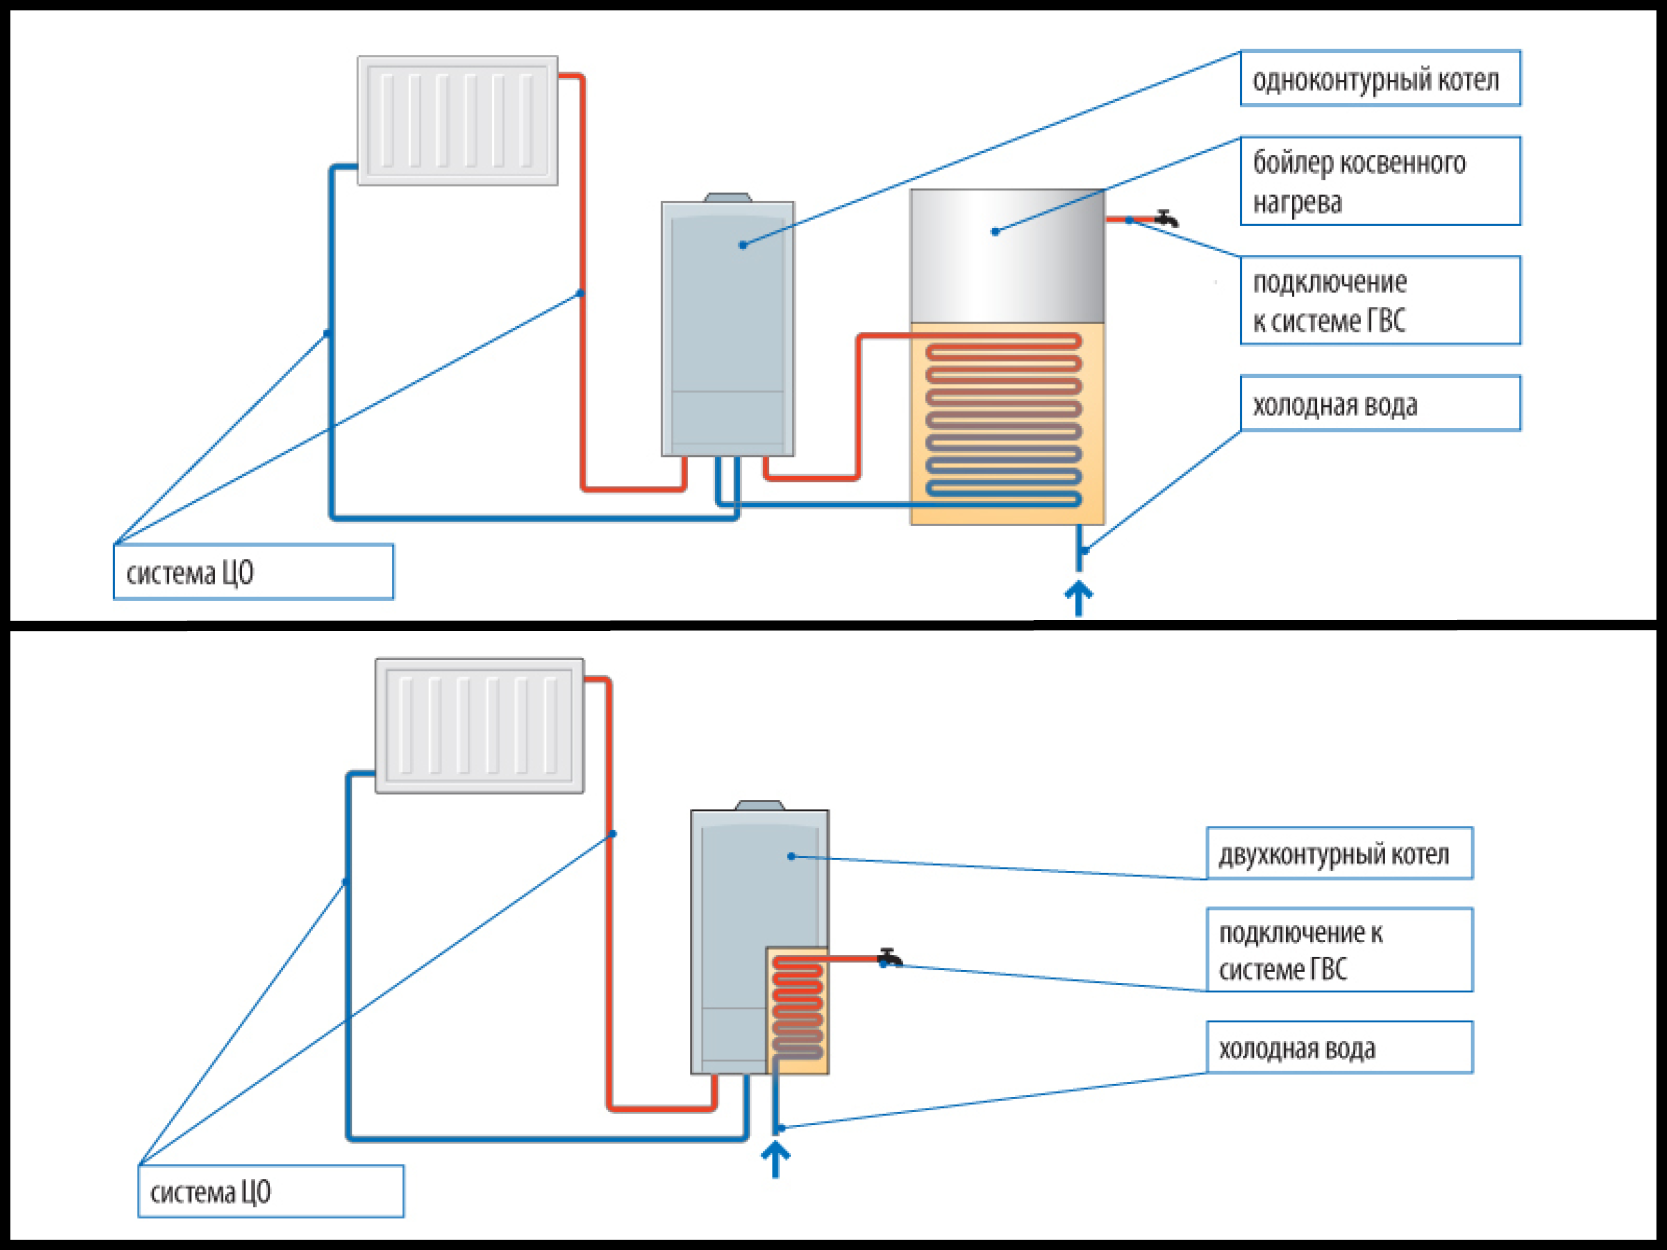 Обвязка двухконтурного газового котла, как продумать схему системы, особенности устройства для настенного и напольного аппарата, фотопримеры и видео